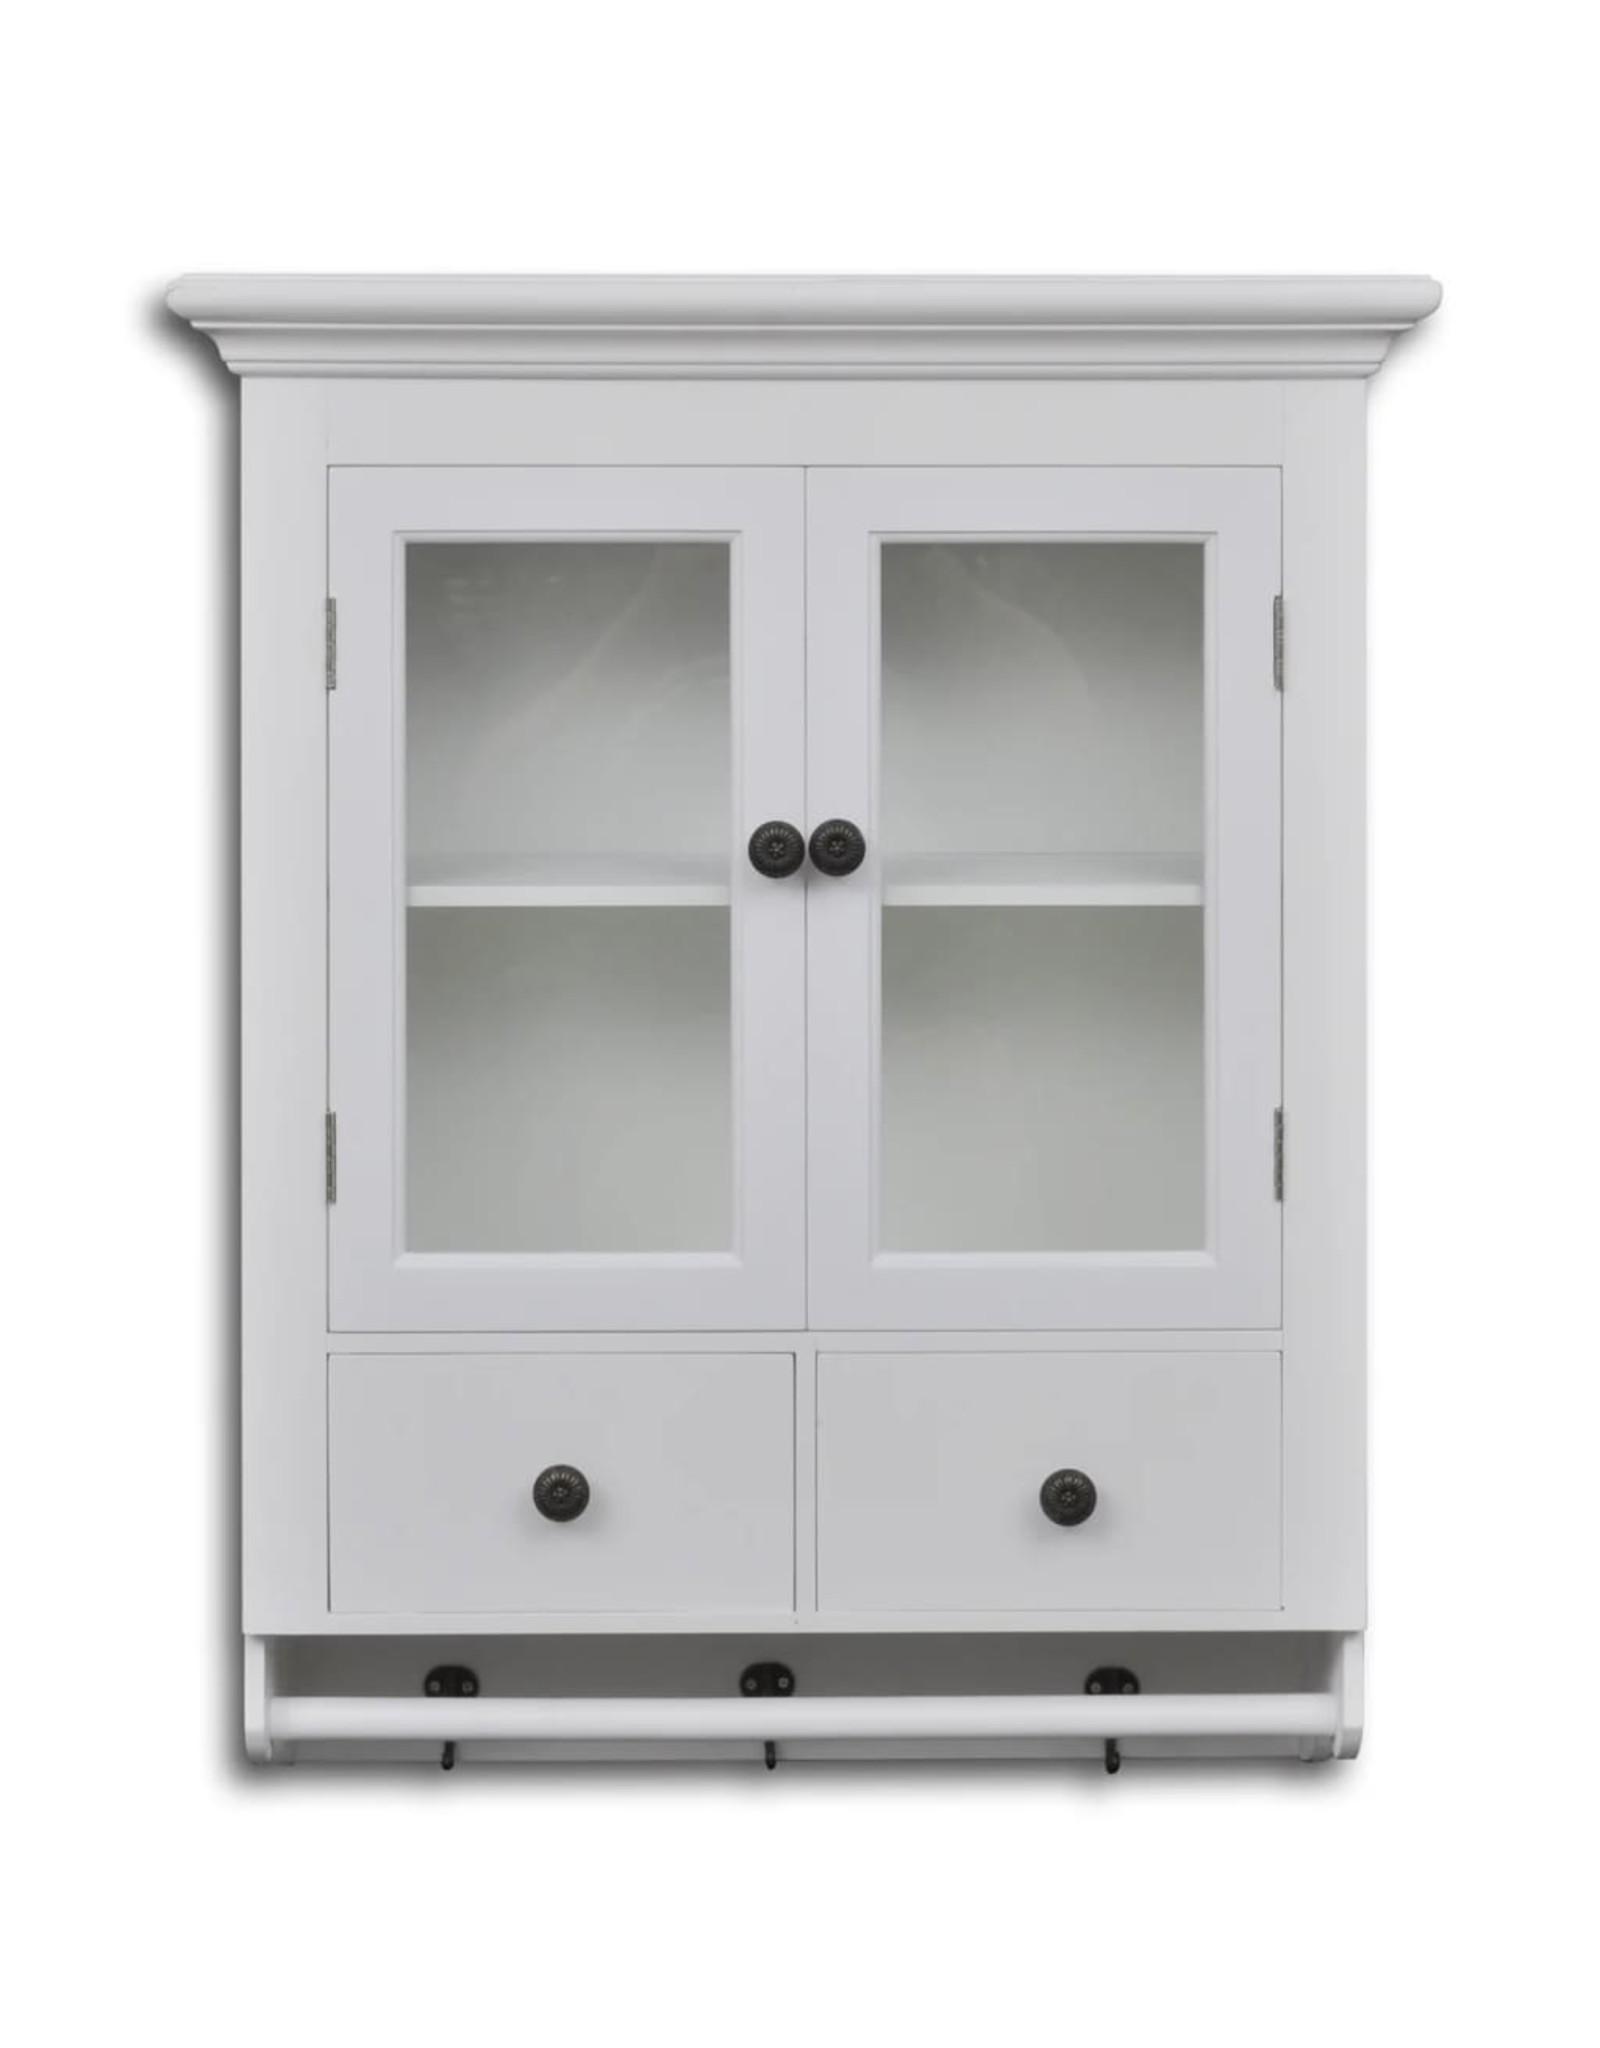 Keukenwandkast met glazen deur hout wit